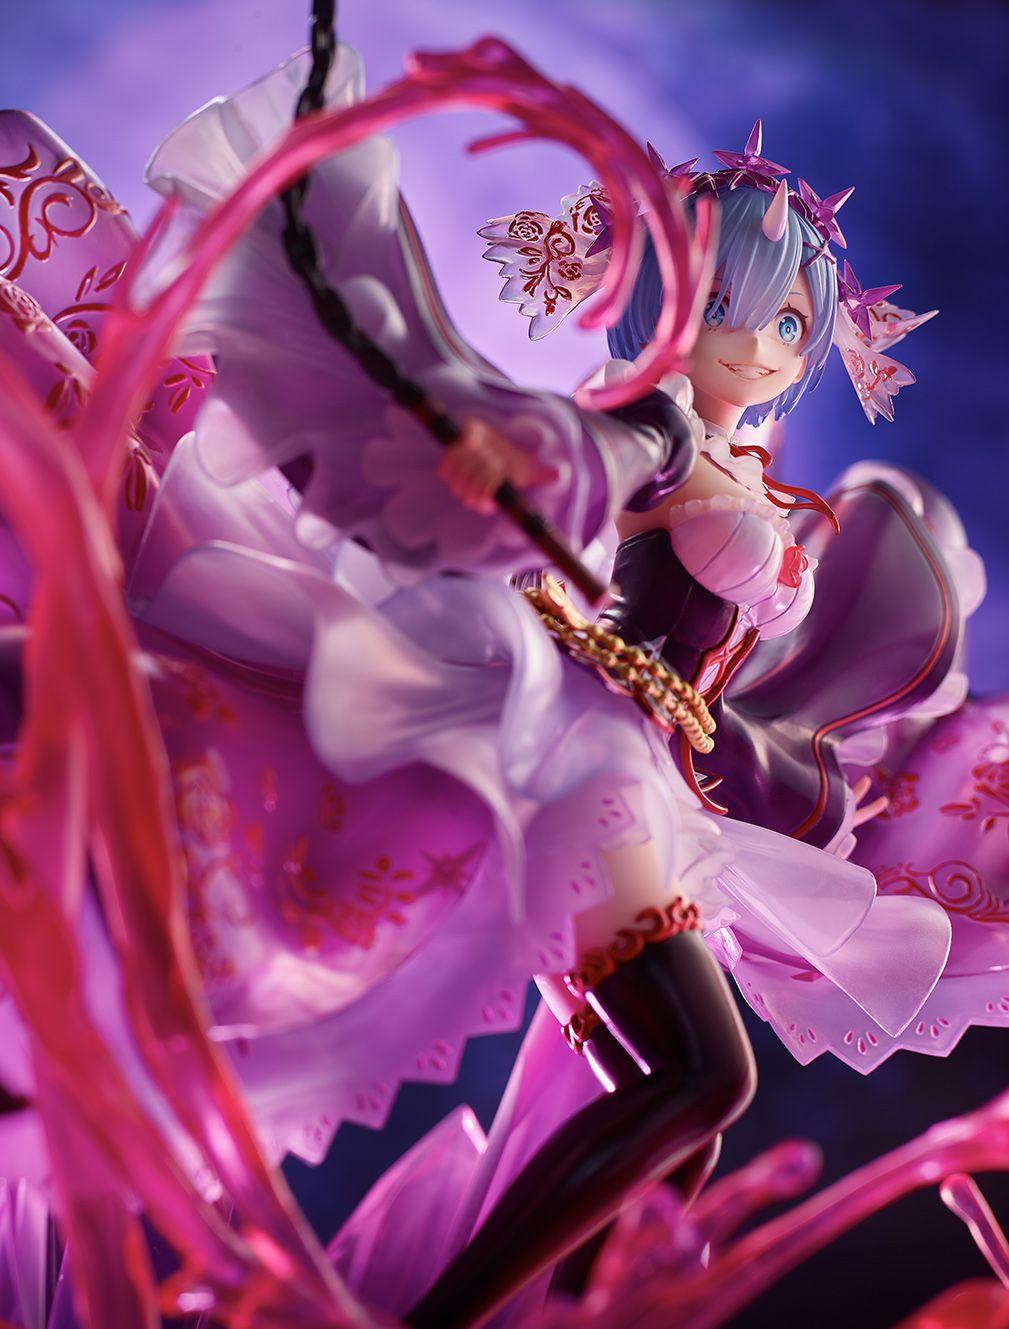 【限定販売】Re:ゼロから始める異世界生活『鬼レム -Crystal Dress Ver-』 1/7 完成品フィギュア-005